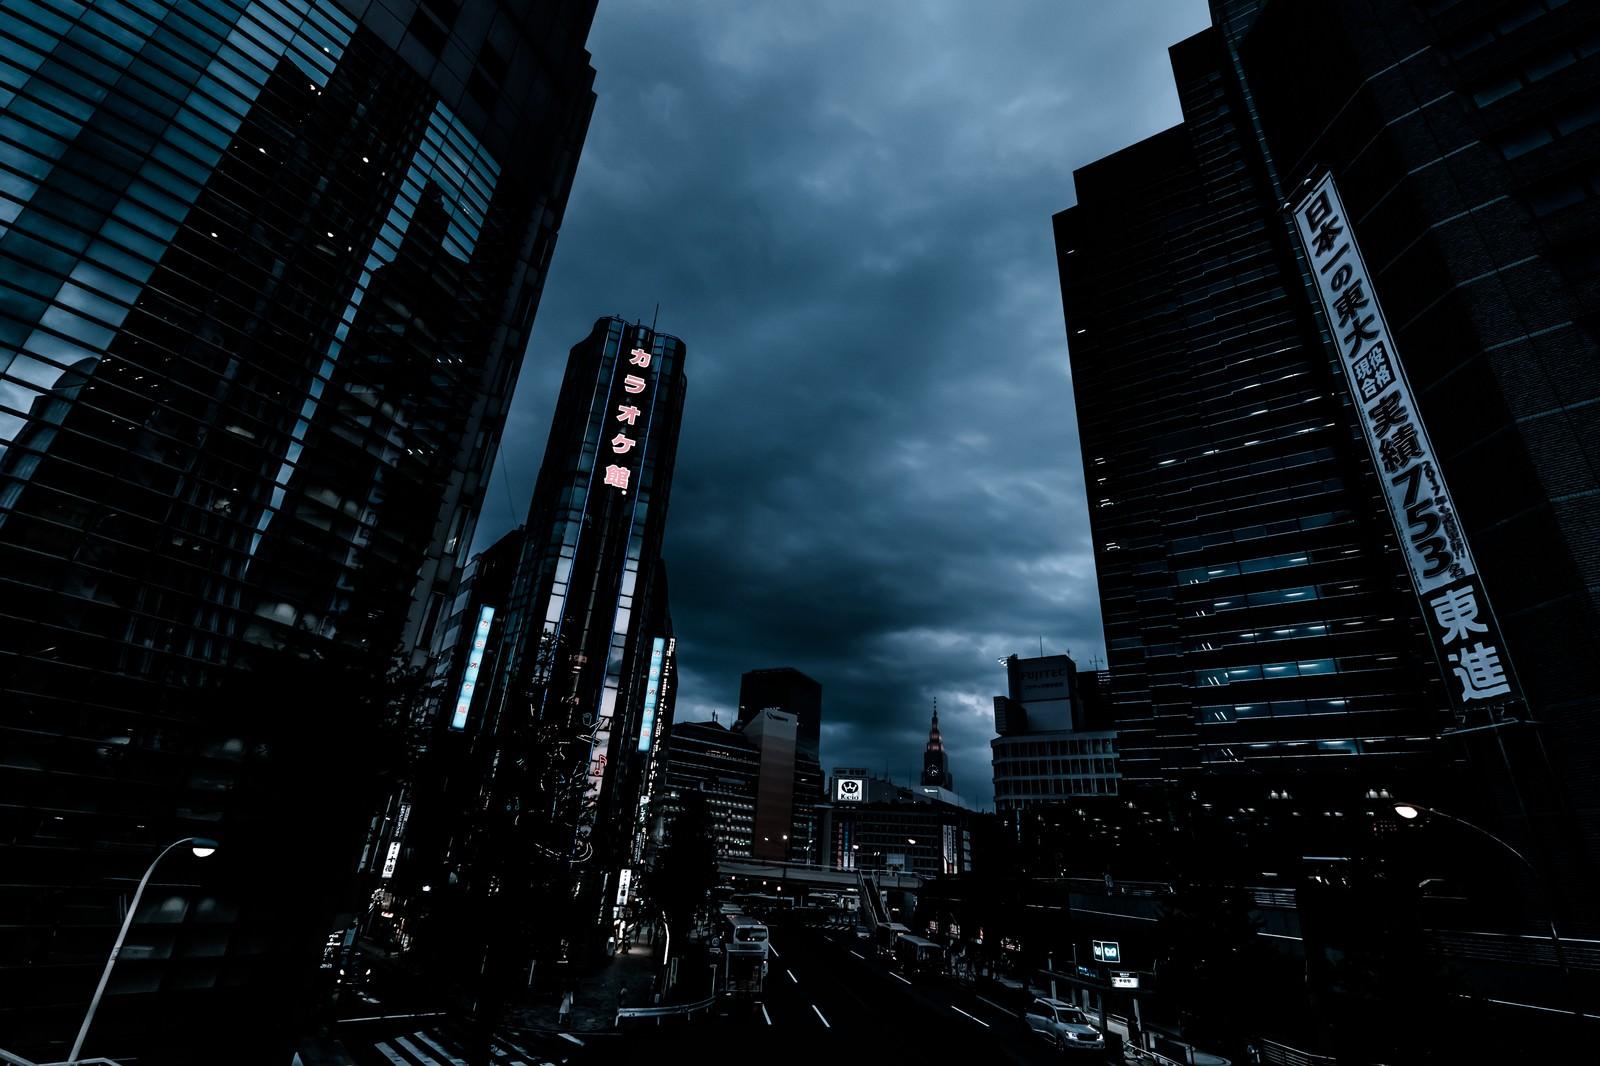 「新宿西口ロータリー入口前のビル群(夕刻過ぎ)」の写真